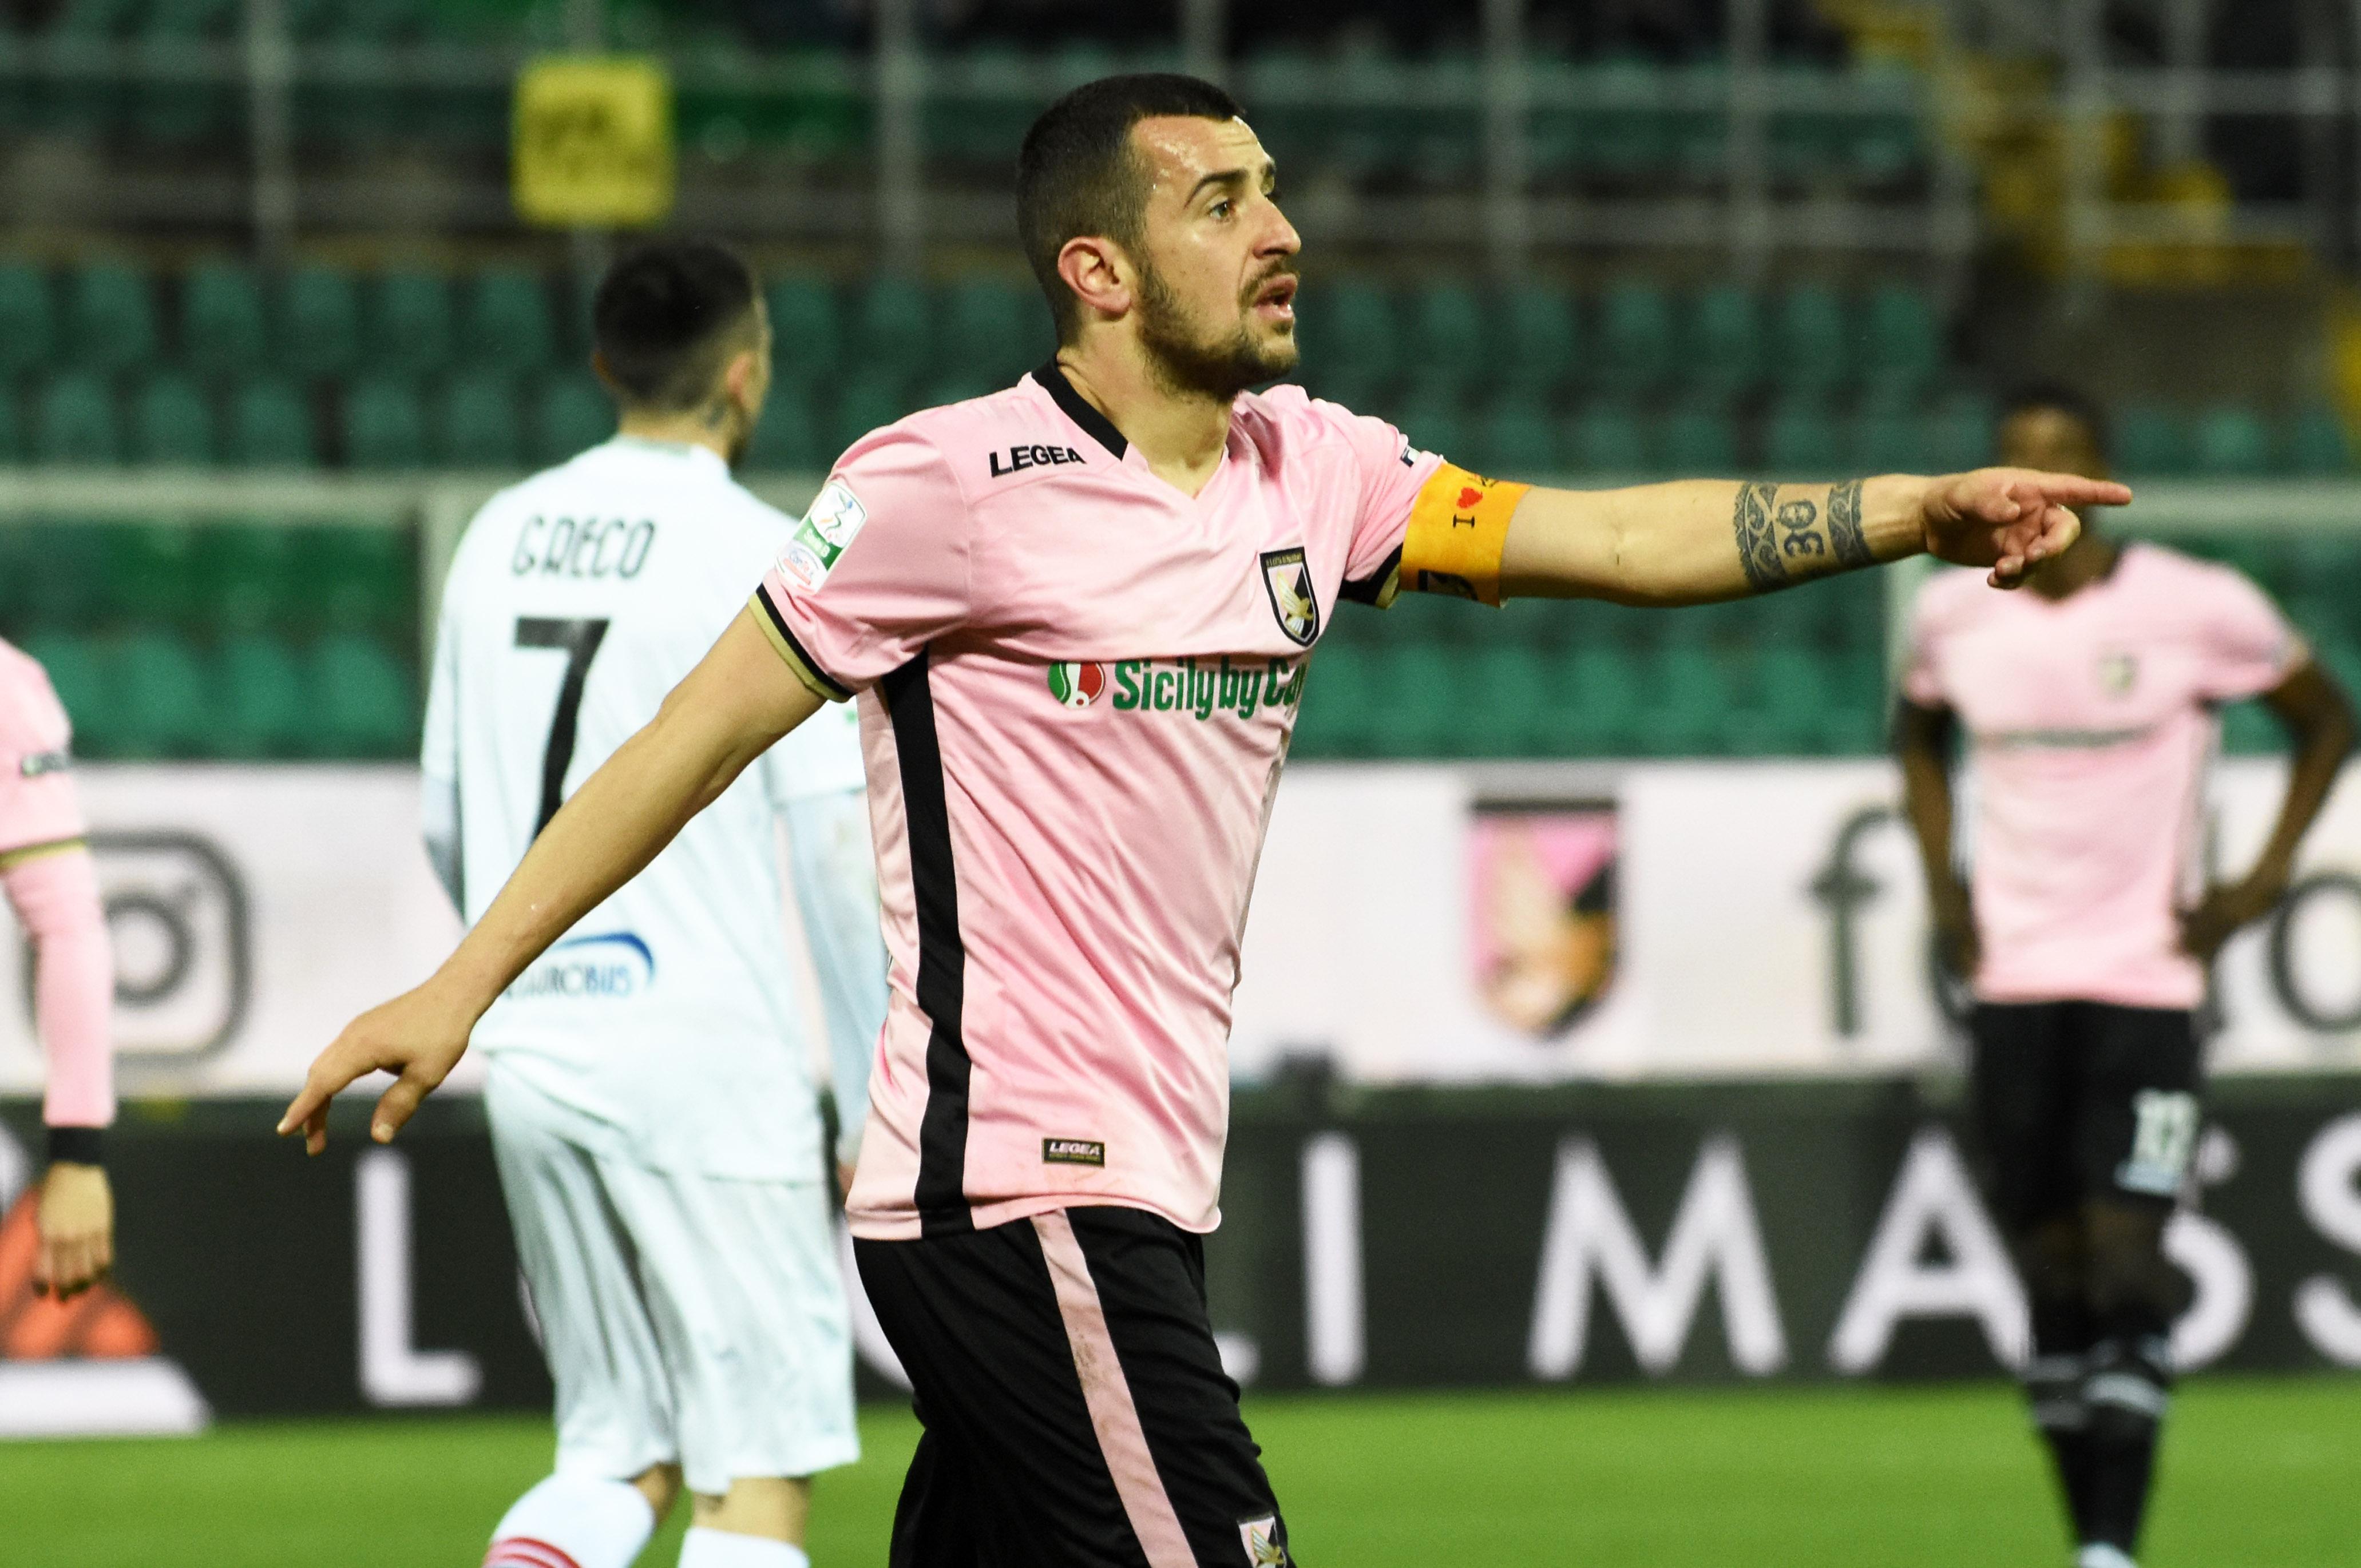 """PALERMO – FOGGIA 1 – 2 Marcatori: 20′ s.t. rig. Nestorovski (P), 33′ s.t. Duamel (F), 39′ s.t. Kragl (F) Al 23′ s.t. espulso Coronado (P) PALERMO SUBITO IN RITIRO Per la prima volta dall'inizio della stagione, il Palermoimbatte nella seconda sconfitta di fila: colpo grosso del Foggia che espugna un Barbera insolitamente gremito di tifosi rosanero (RECORD STAGIONALE DI PRESENZE). Ennesima prestazioneopaca per la squadra di Bruno Tedino, """"imballata""""e priva di fantasia nel proporre trame di gioco: primo tempo povero di occasioni al Barbera, le due squadre si studiano, forse troppo a tal punto di annullarsi. > LE PAGELLE"""